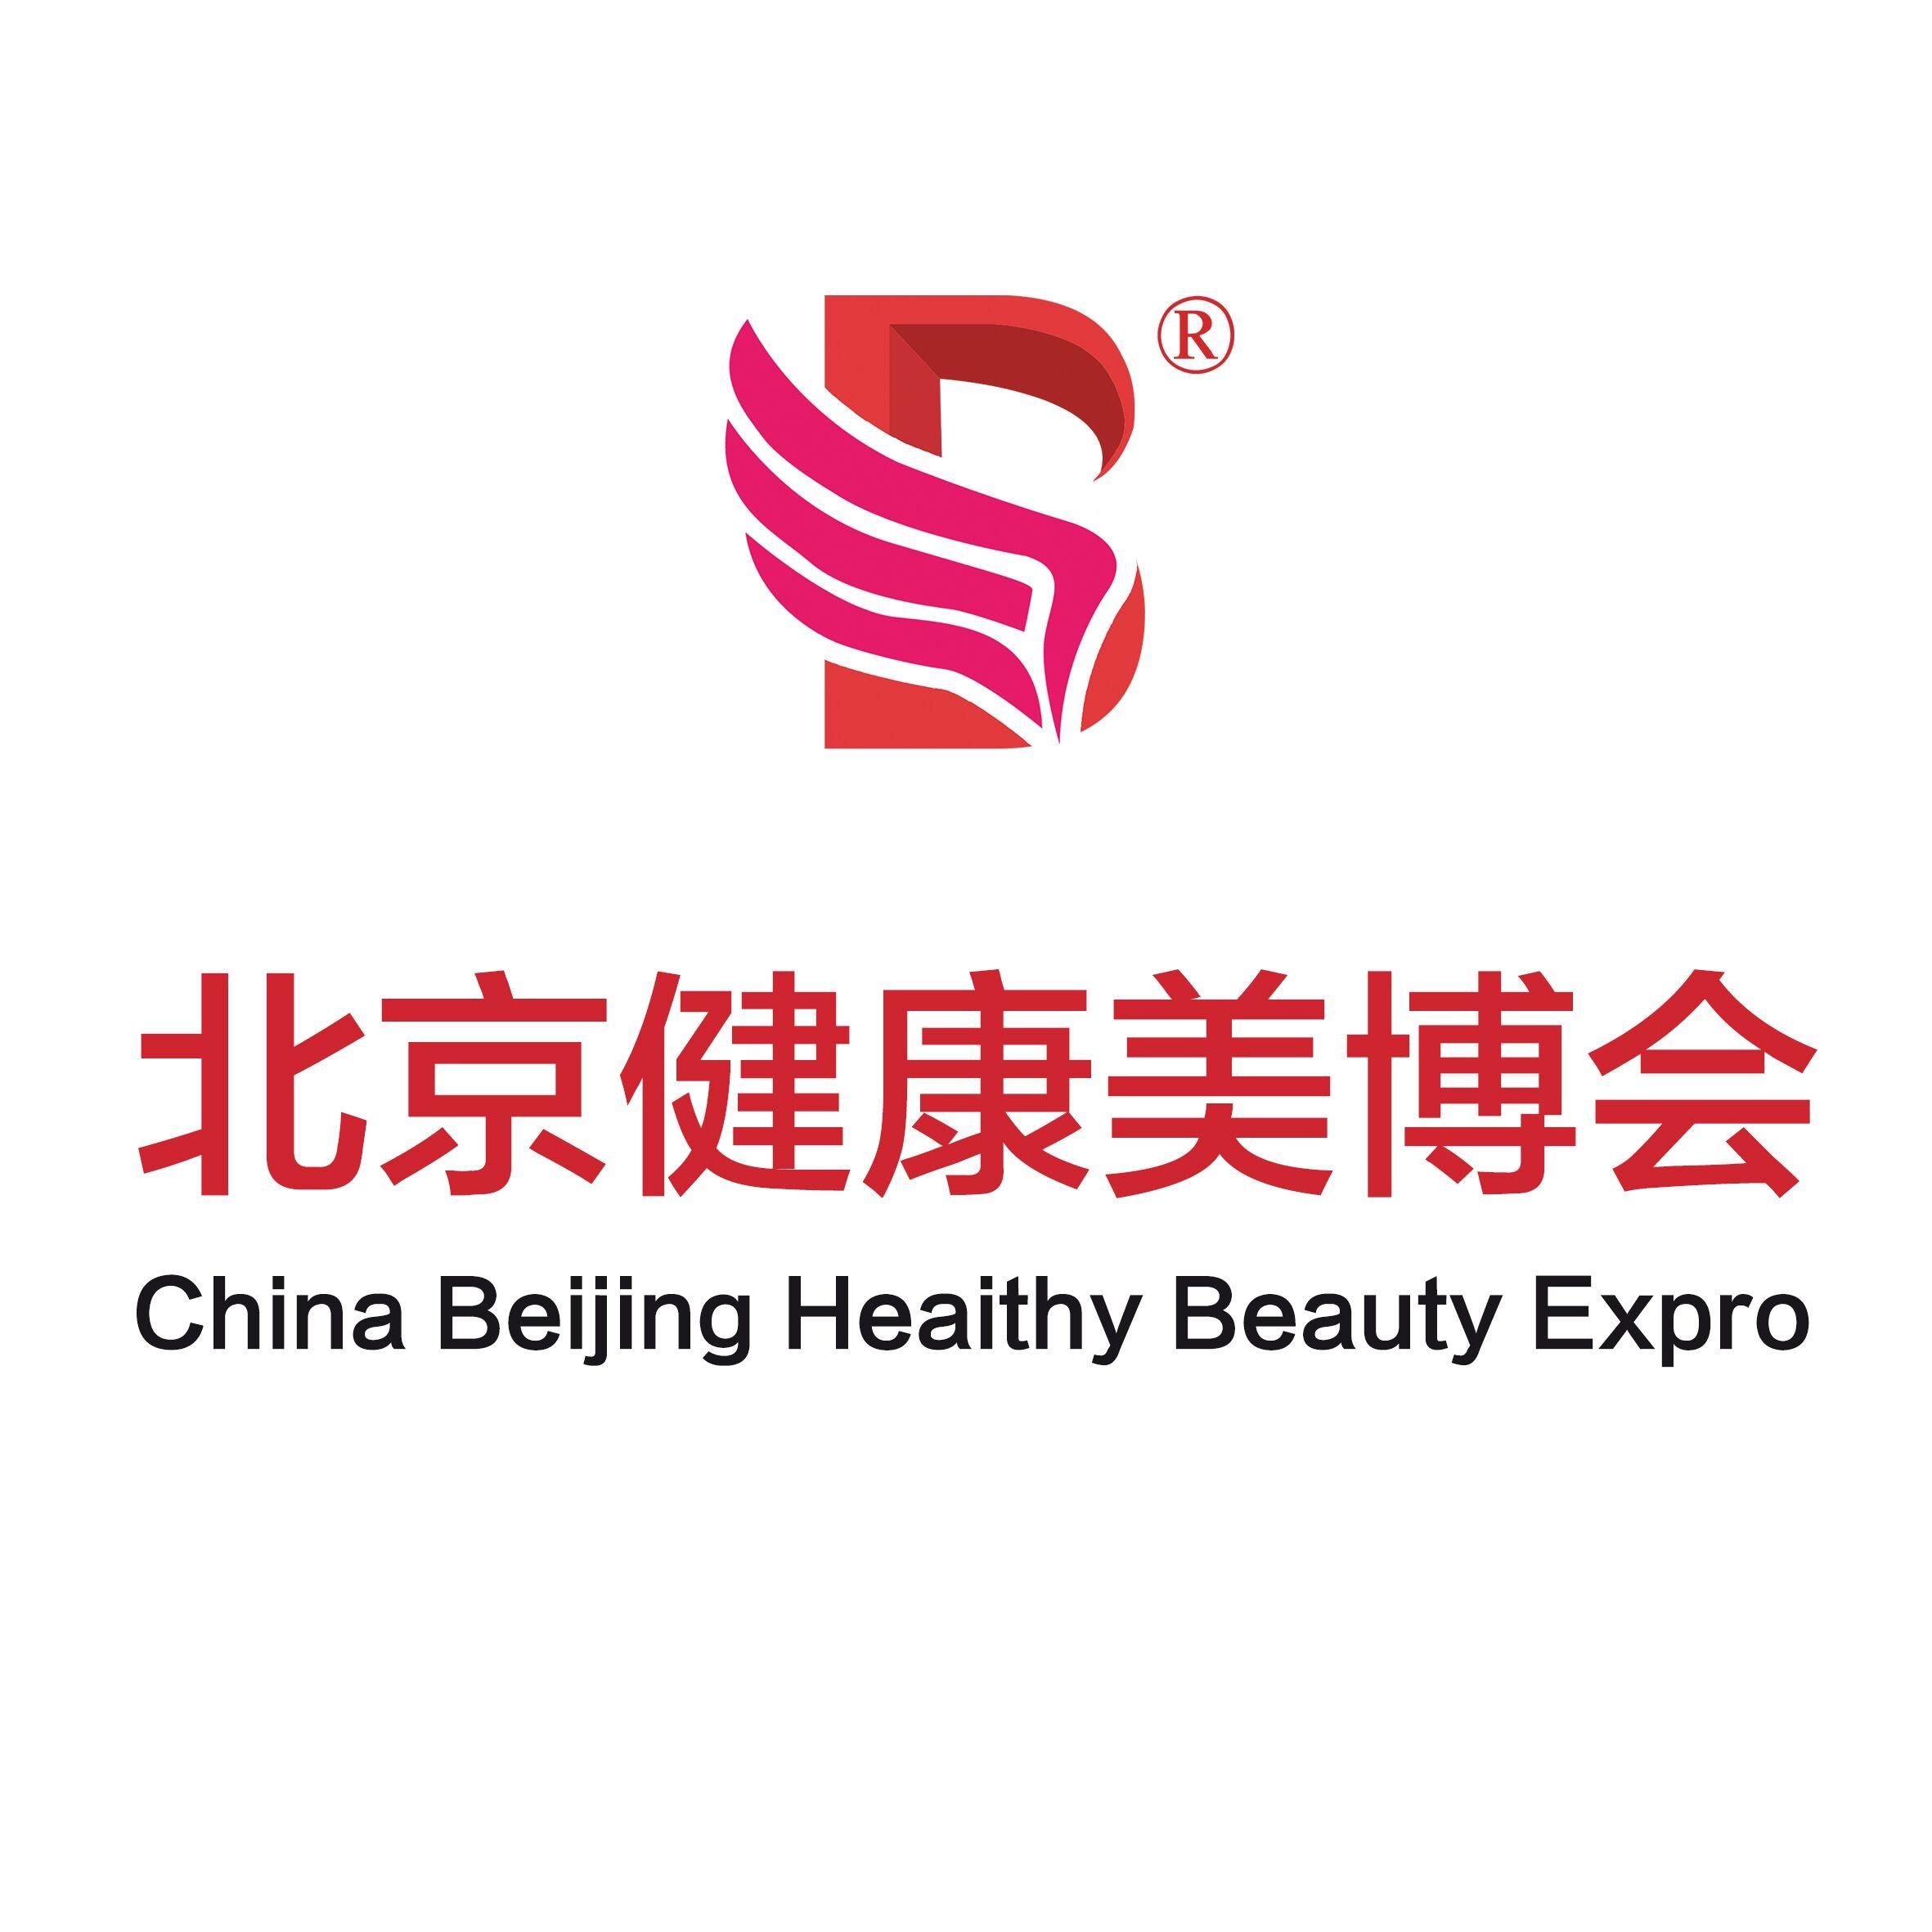 2019中国北京国际健康美容化妆品展览会暨减肥养生展览会